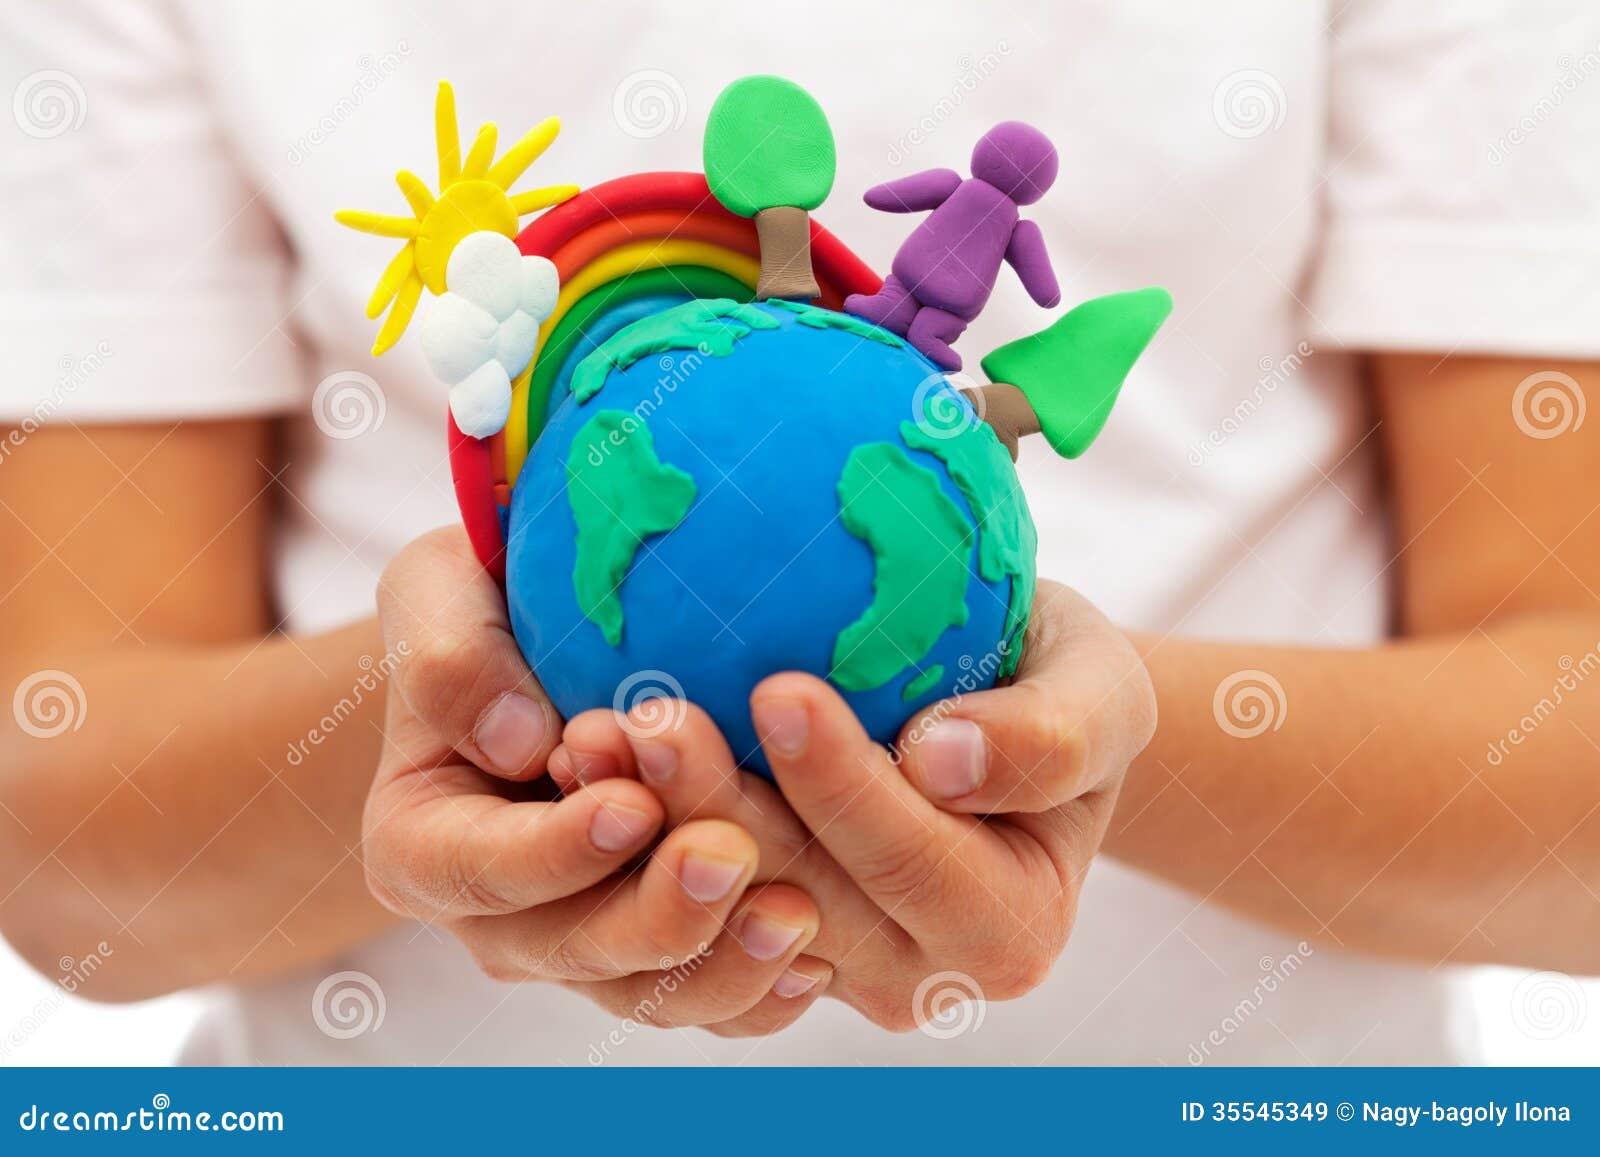 Поделки здоровье планеты